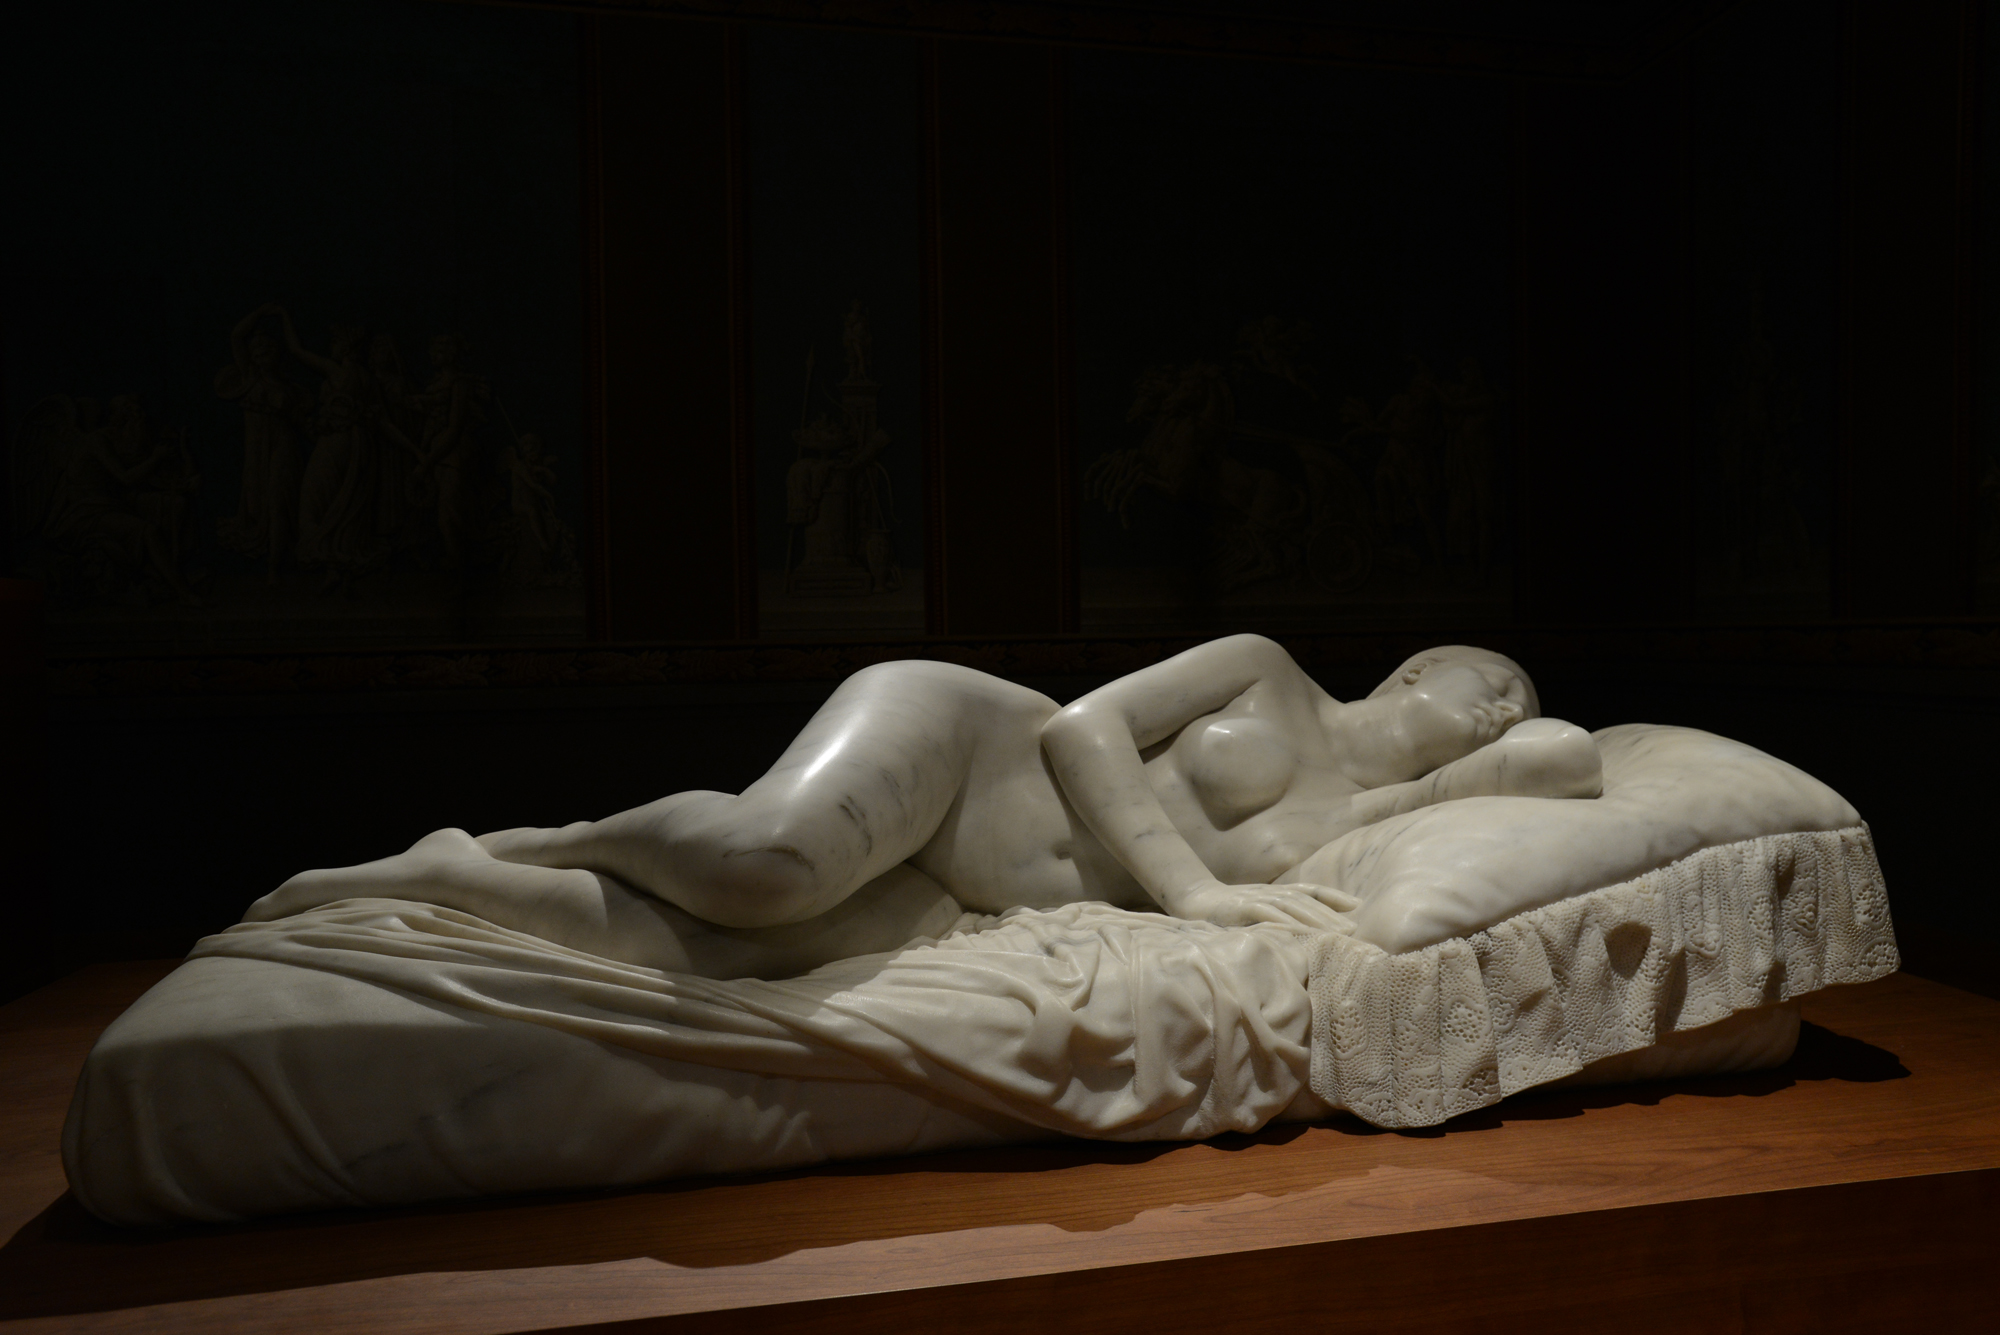 Louis-Pierre Deseine - Nymphe endormie © Musée de Valence, photo Éric Caillet